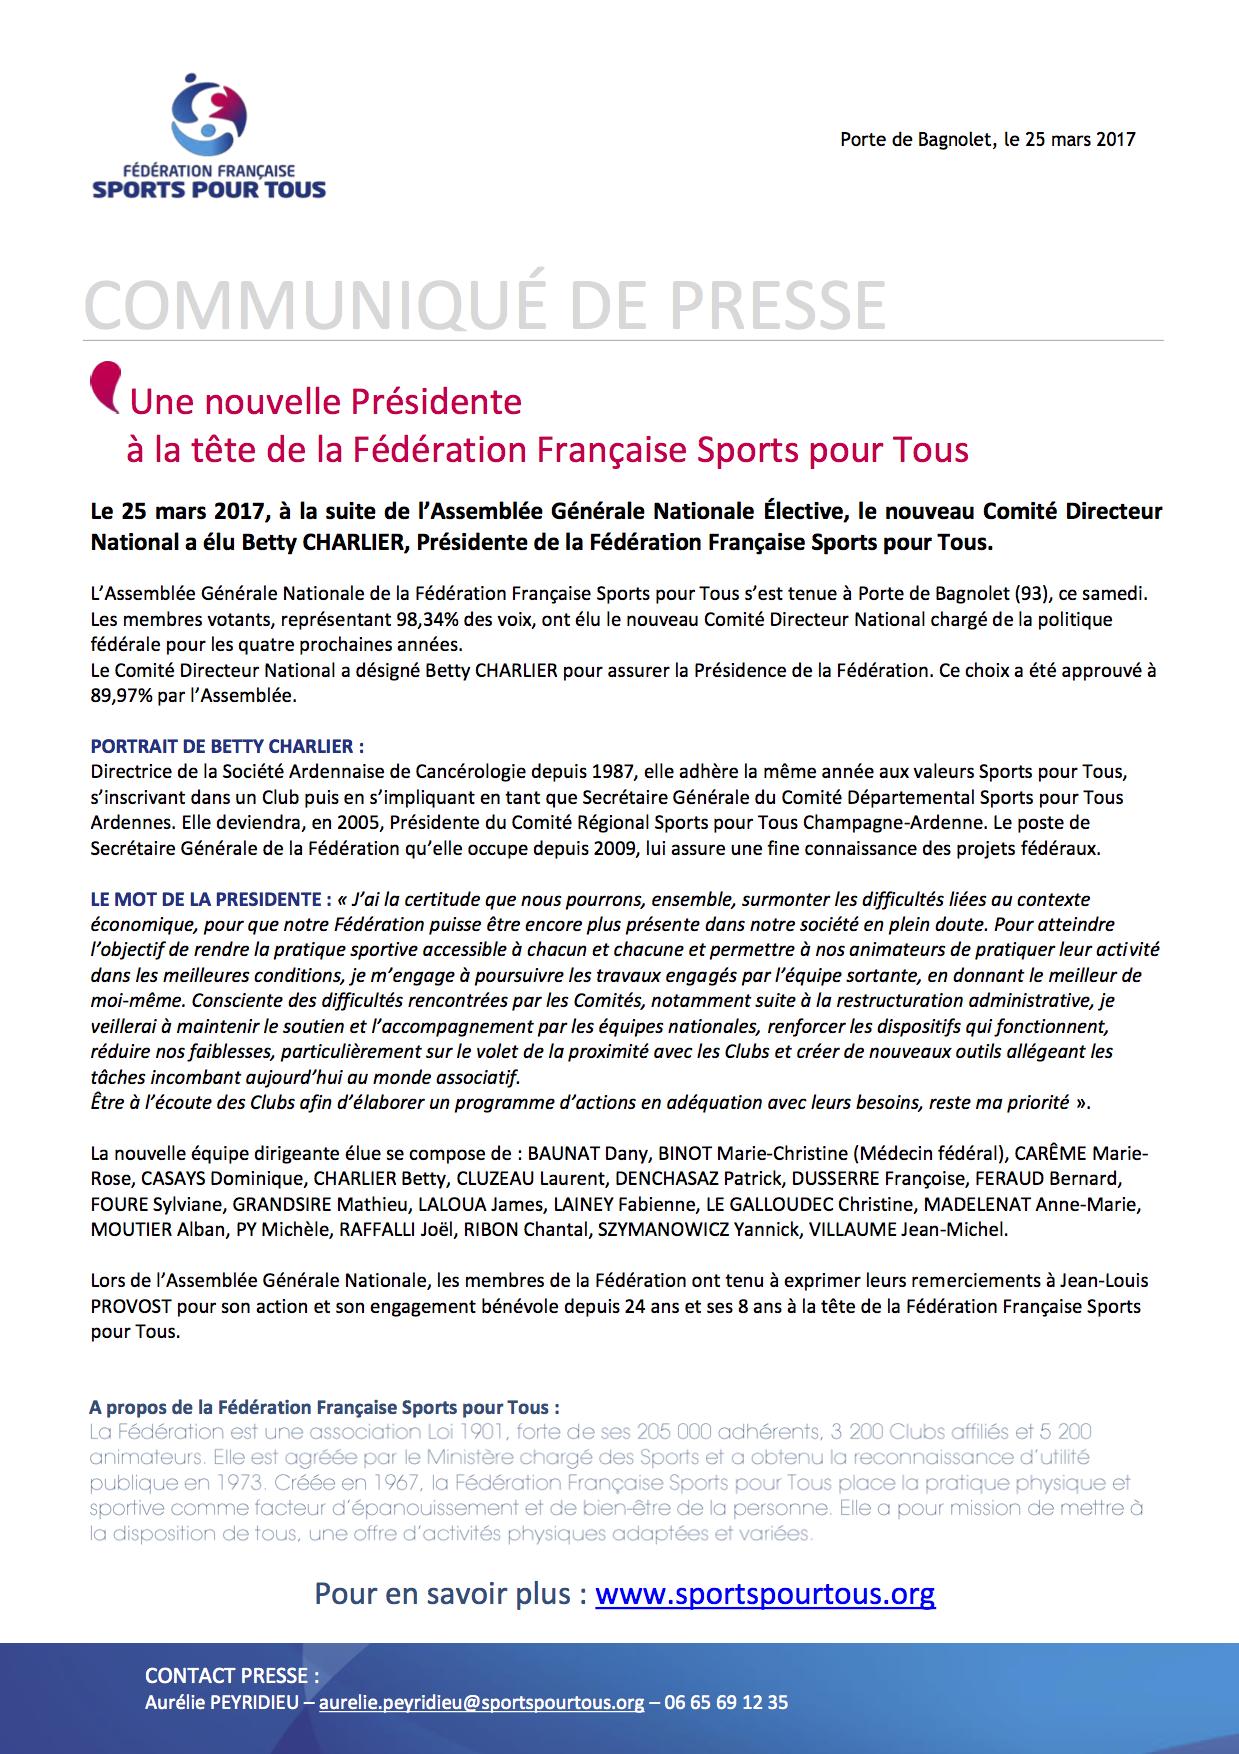 CP-Une nouvelle Presidente _ la Federation Fran_aise Sports pour Tous (1).png